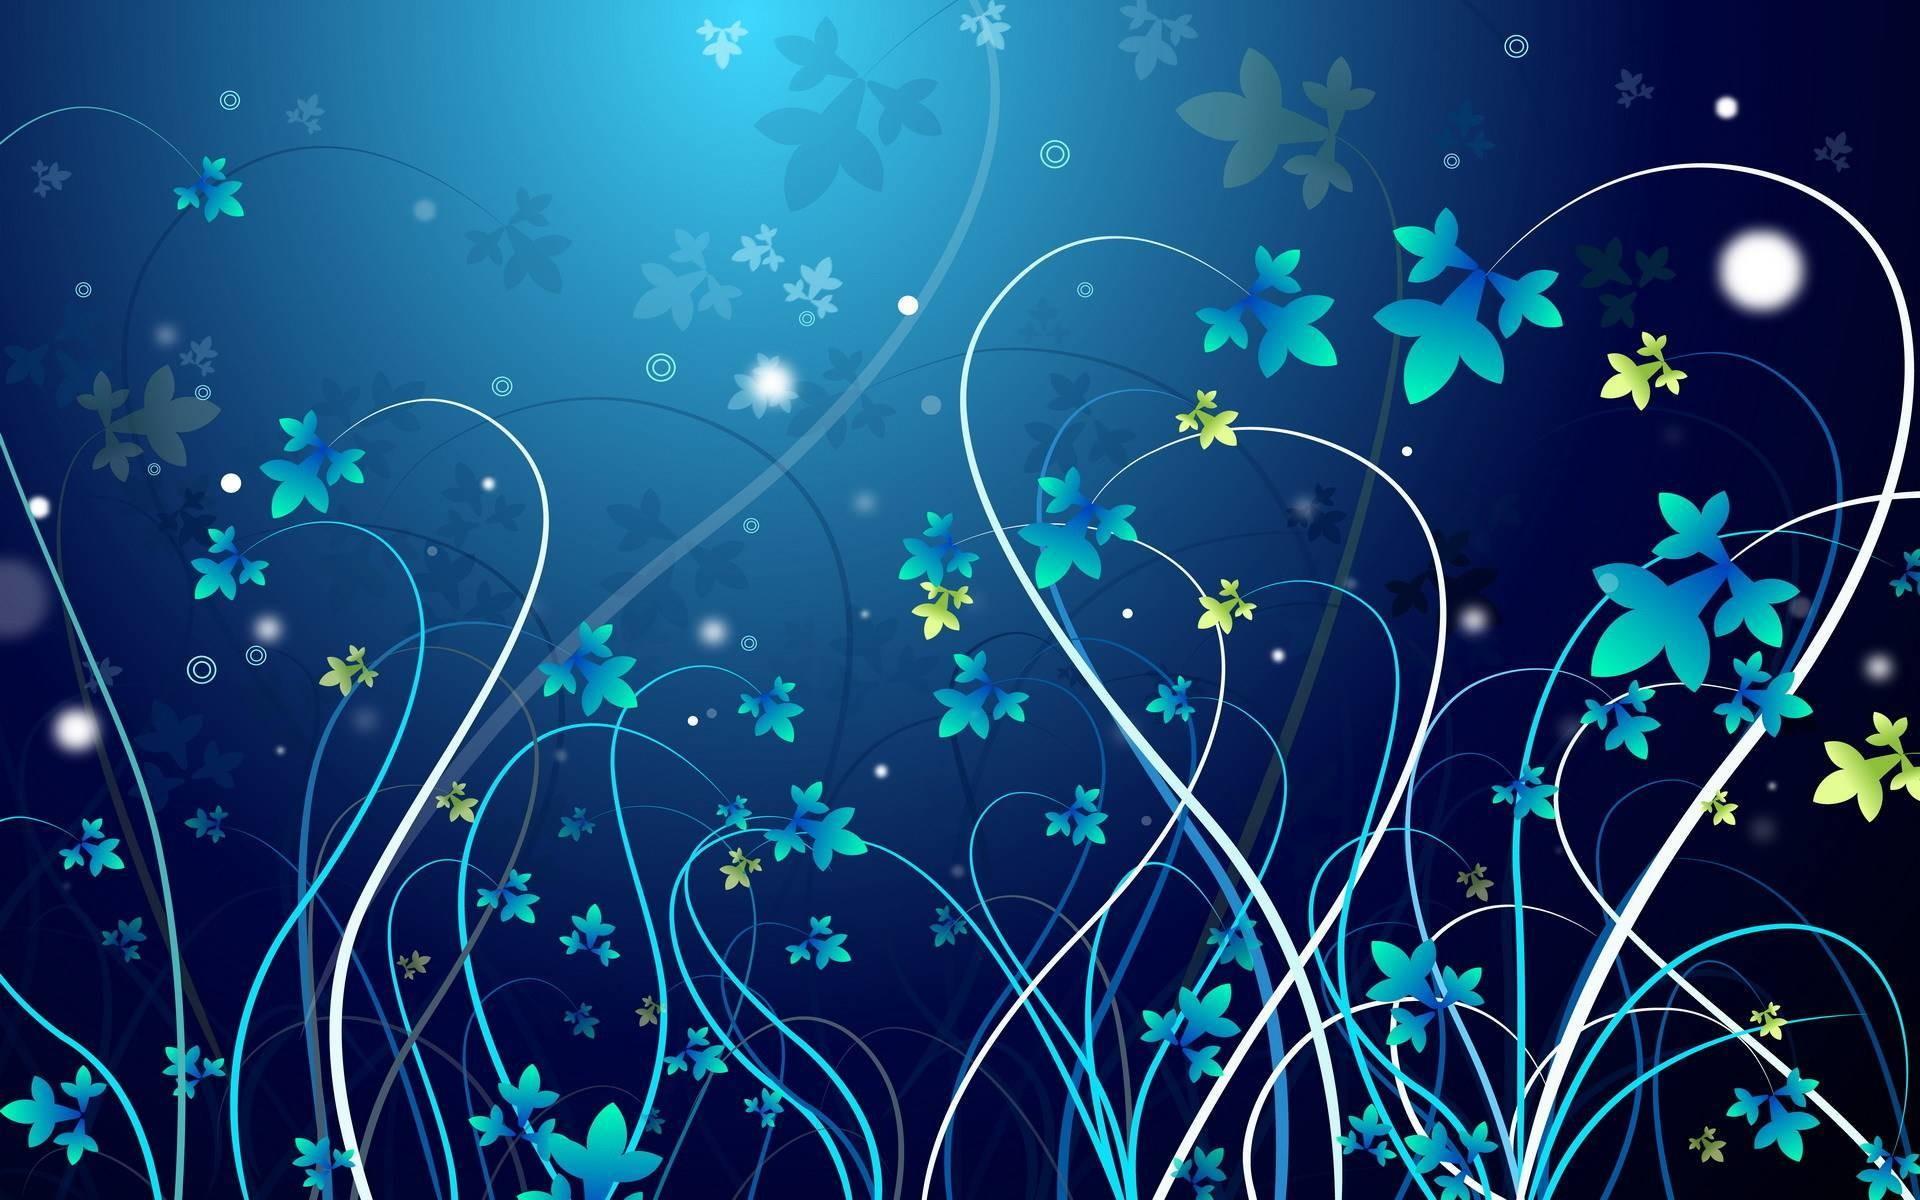 Flowers & Swirl Twitter Backgrounds, Flowers & Swirl Twitter Themes